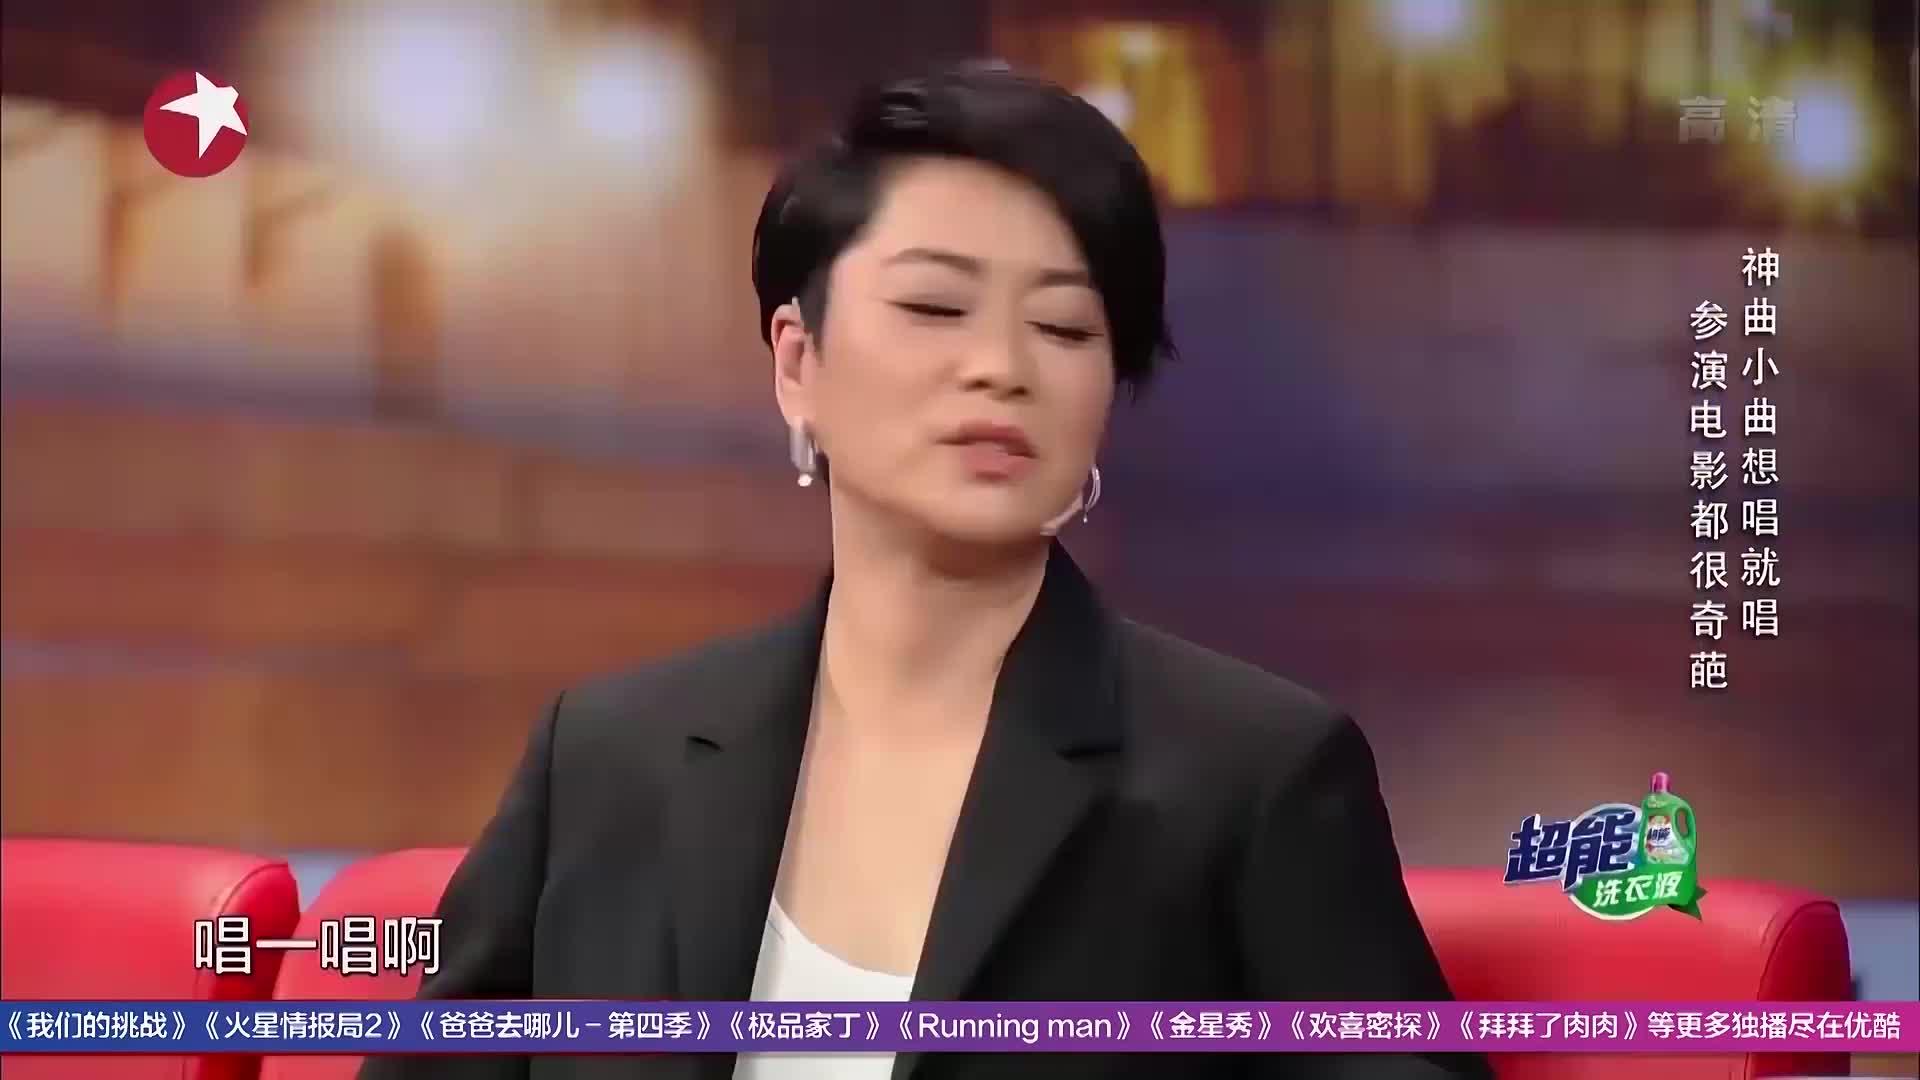 金星秀:毛阿敏真潇洒,想到哪就唱到哪,根本不用顾及别人!